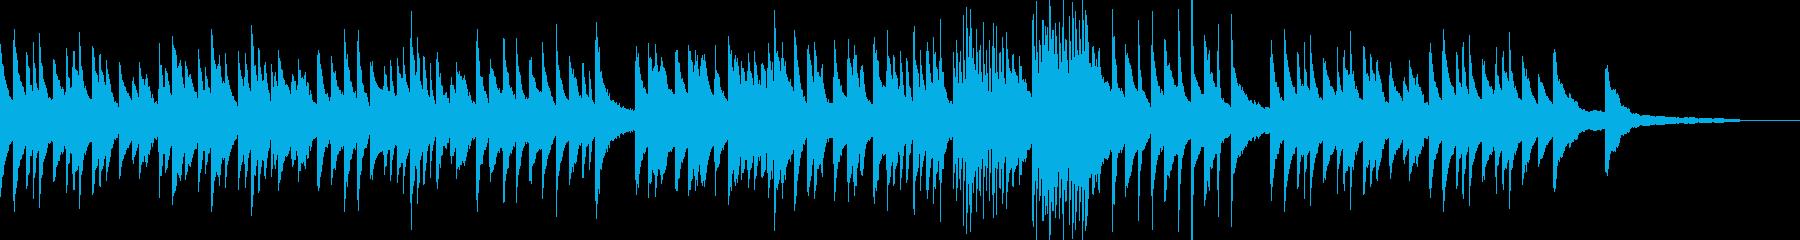 4分の3拍子の落ち着いたピアノバラードの再生済みの波形